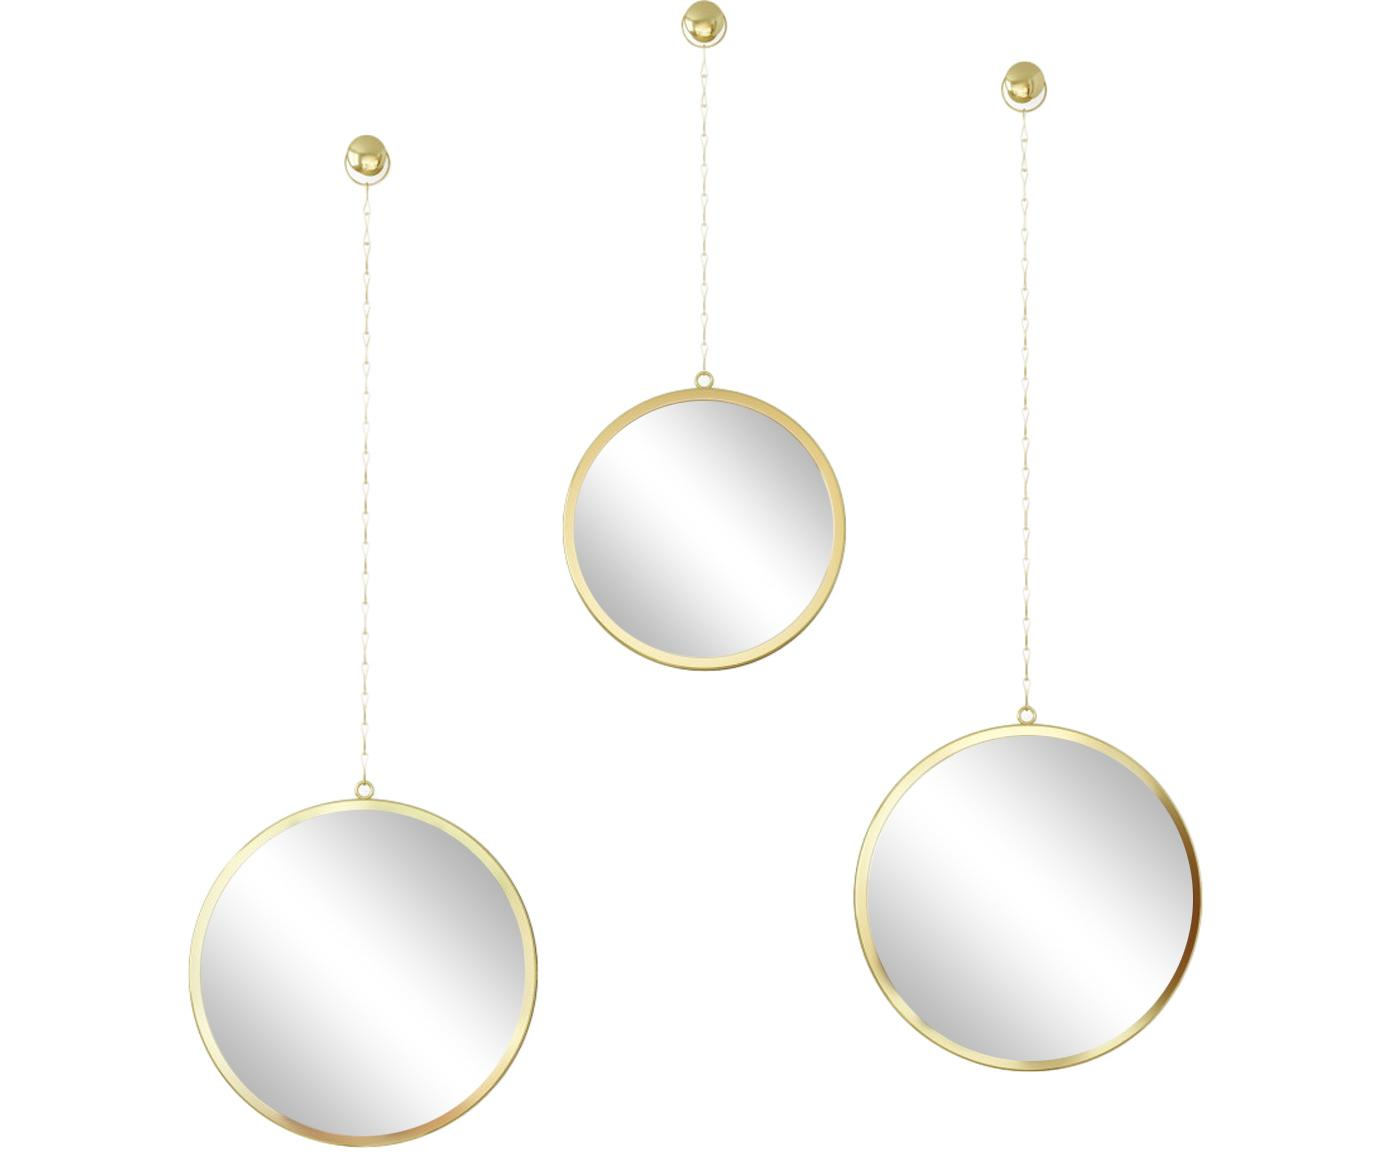 Set de espejos de pared Dima, 3pzas., Espejo: cristal, Dorado, Tamaños diferentes